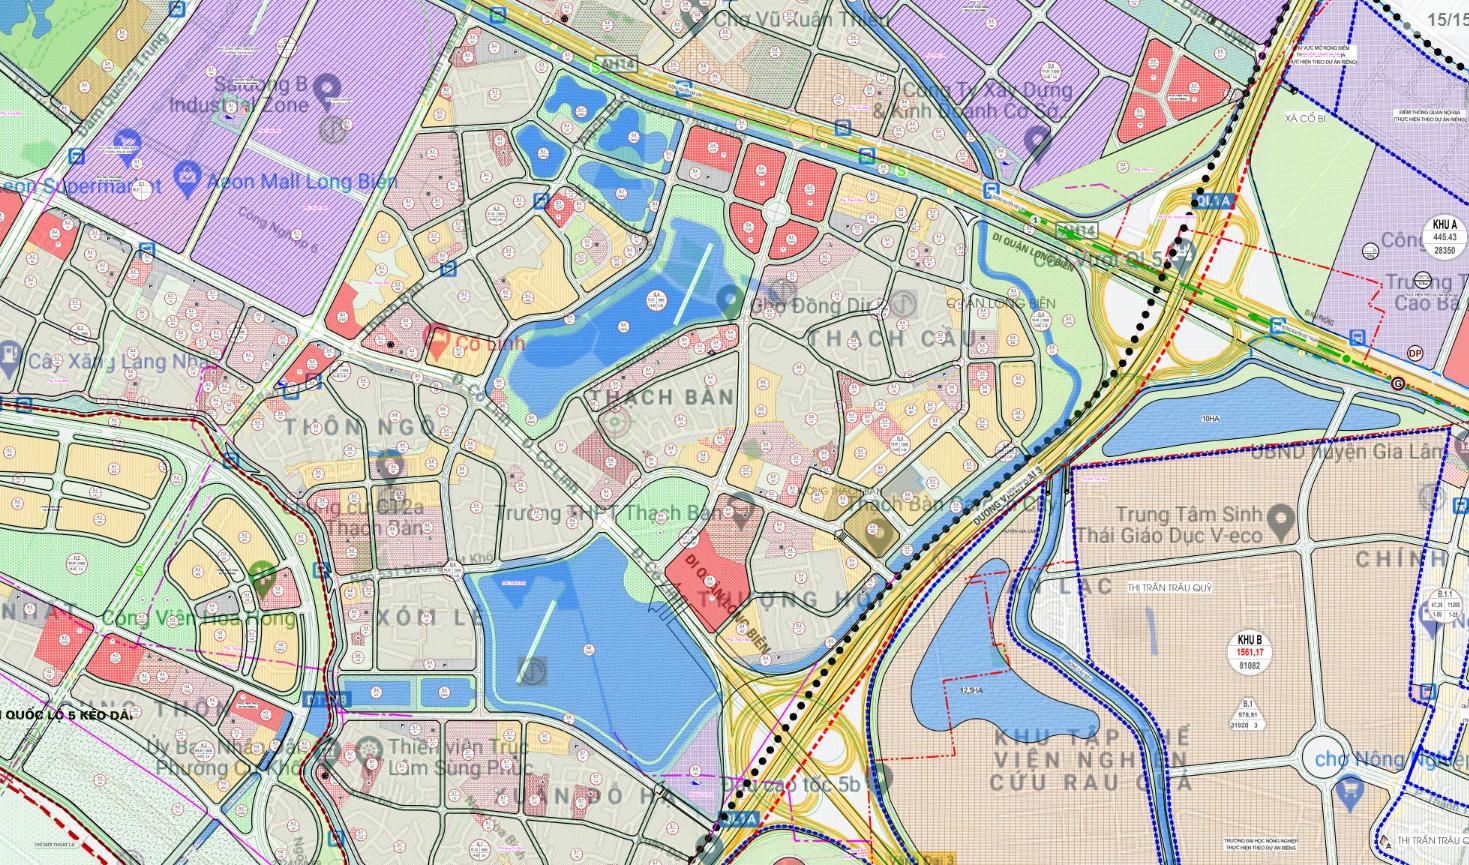 Bản đồ quy hoạch sử dụng đất phường Thạch Bàn, Long Biên, Hà Nội - Ảnh 2.